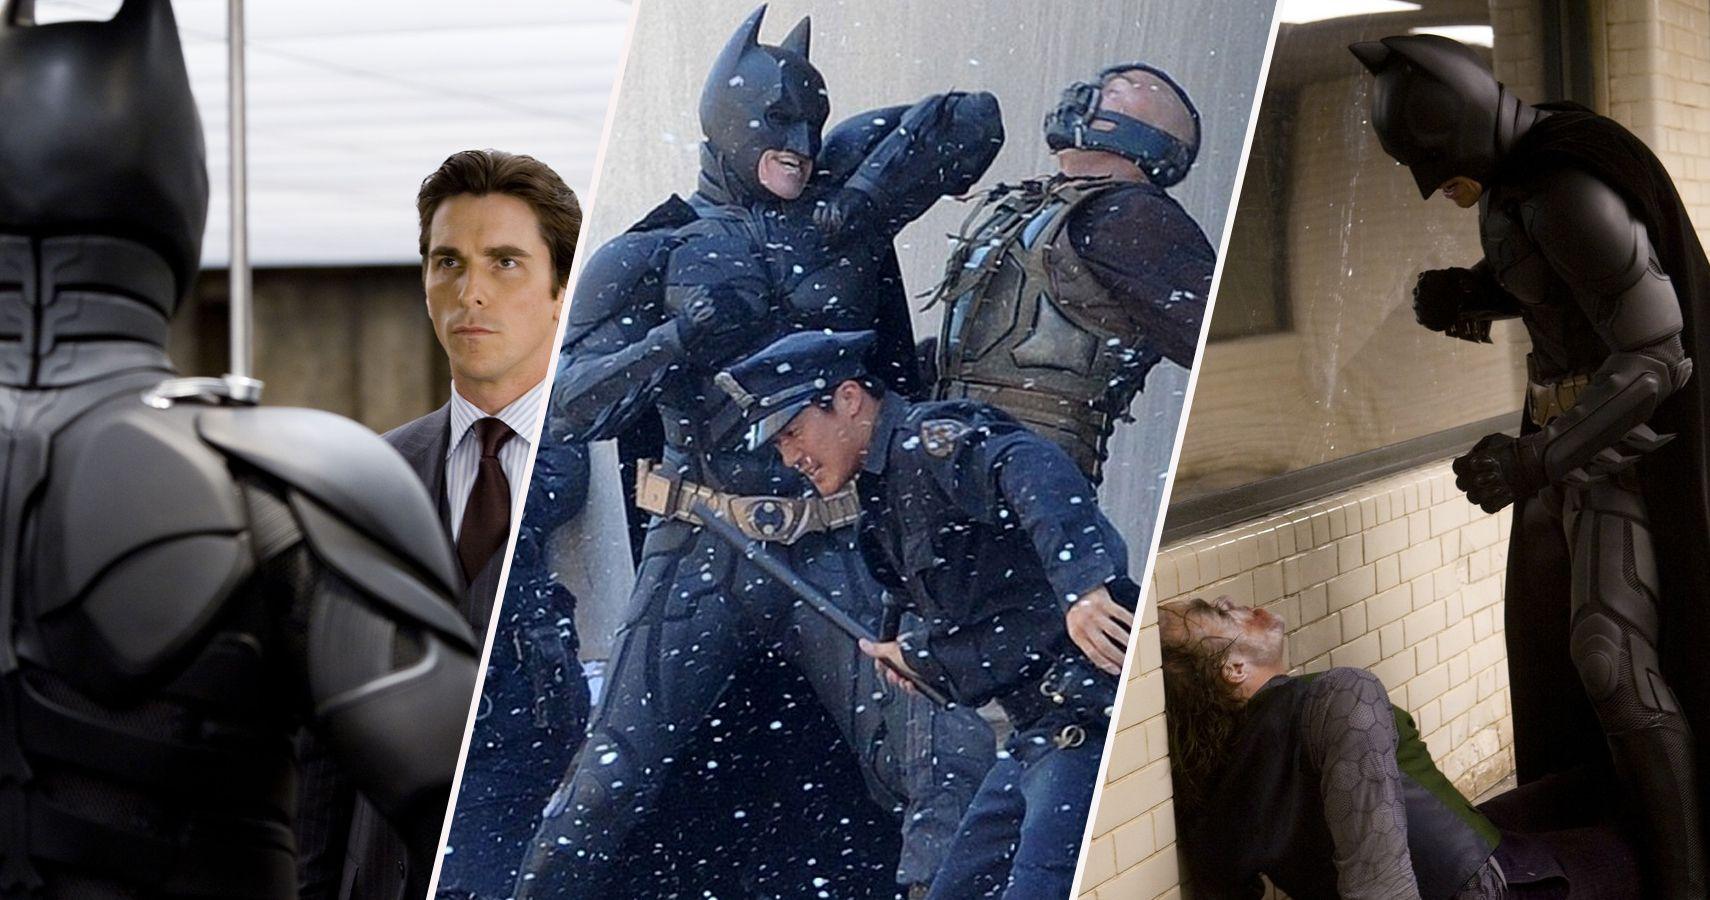 20 Wild Details Behind Christian Bale's Batman That Fans Should Know